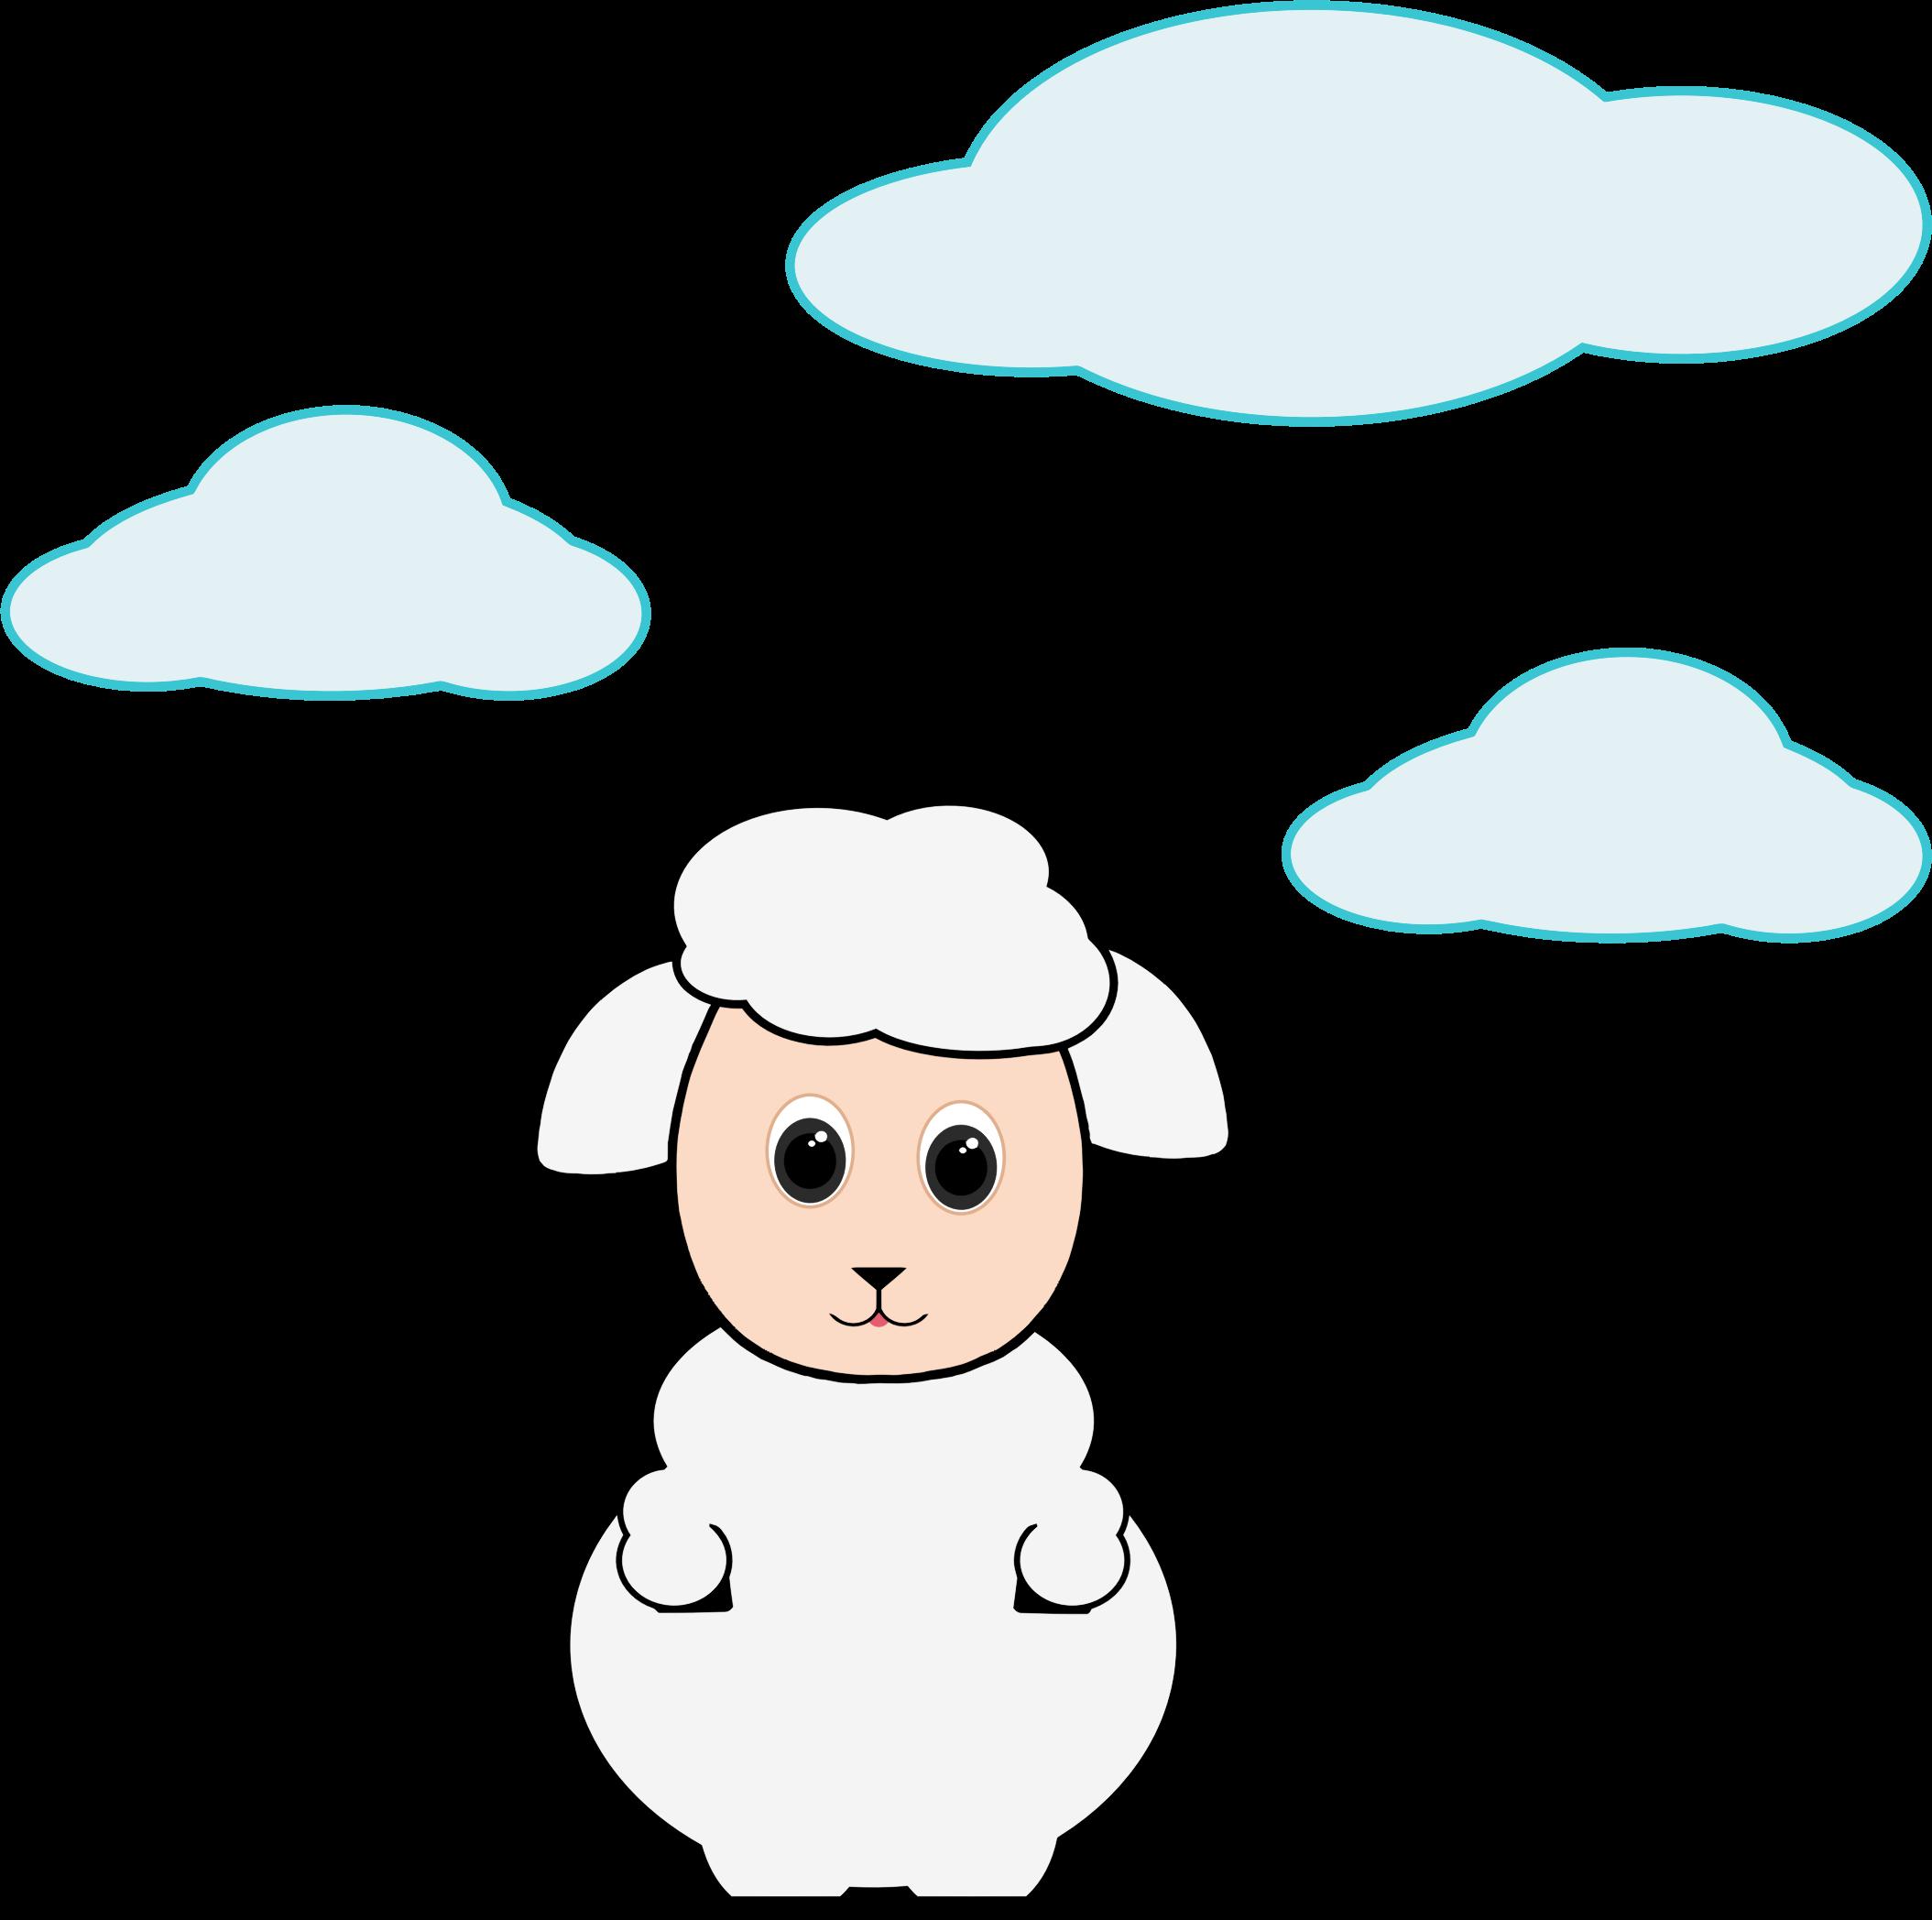 Lamb in the big. Clouds clipart cute